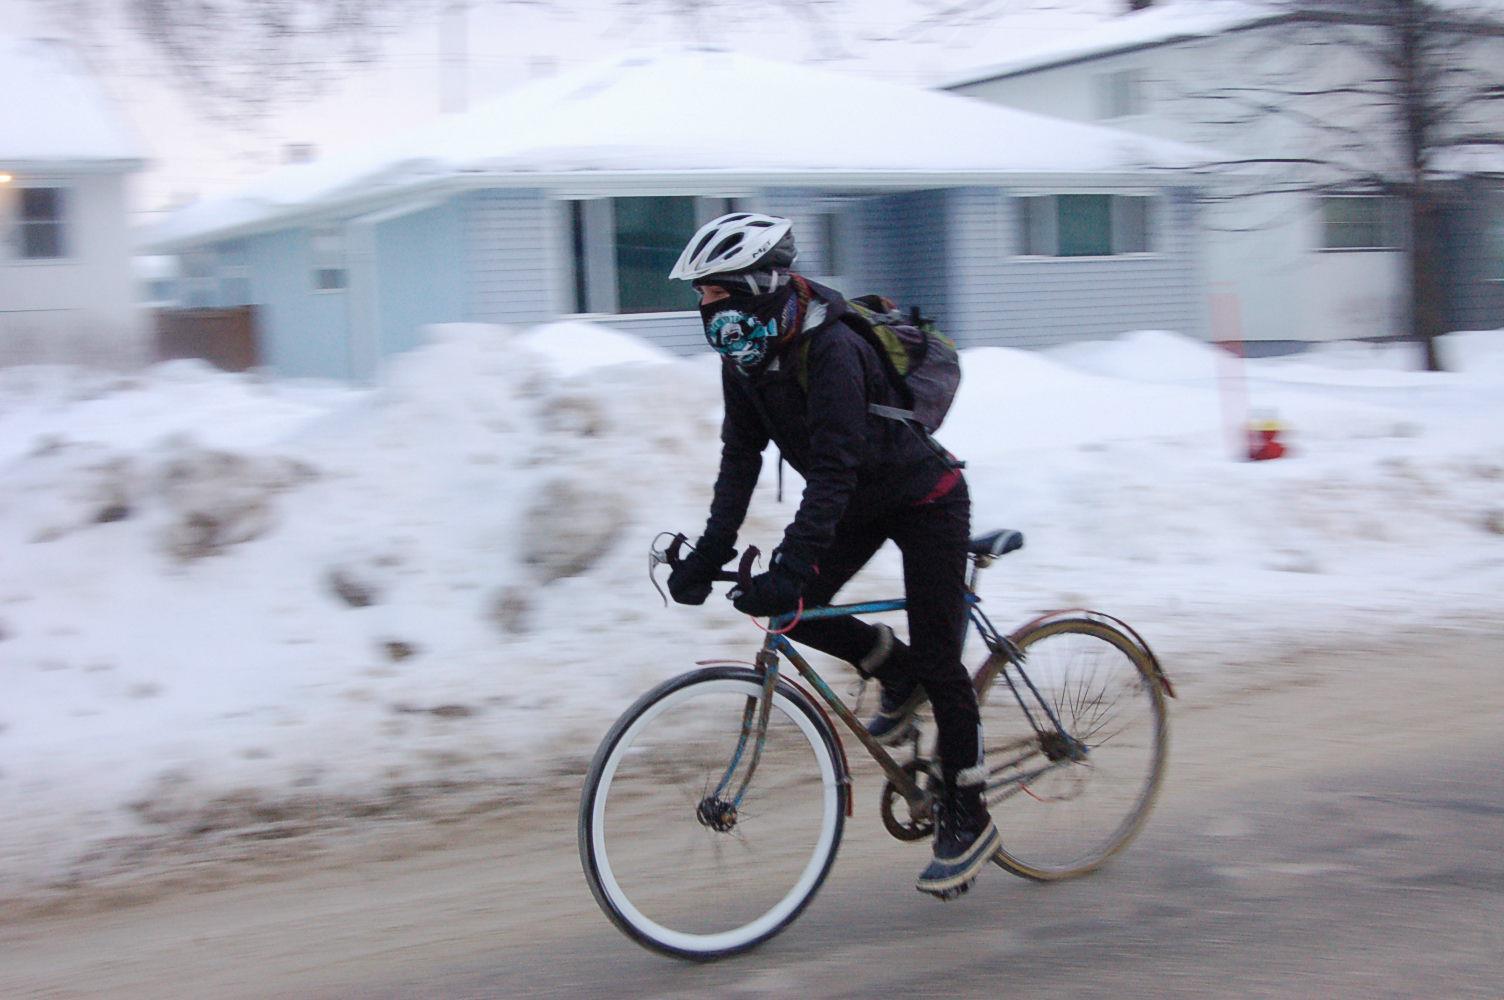 Uscire in bici con il freddo? Ecco i consigli dell'esperto ...